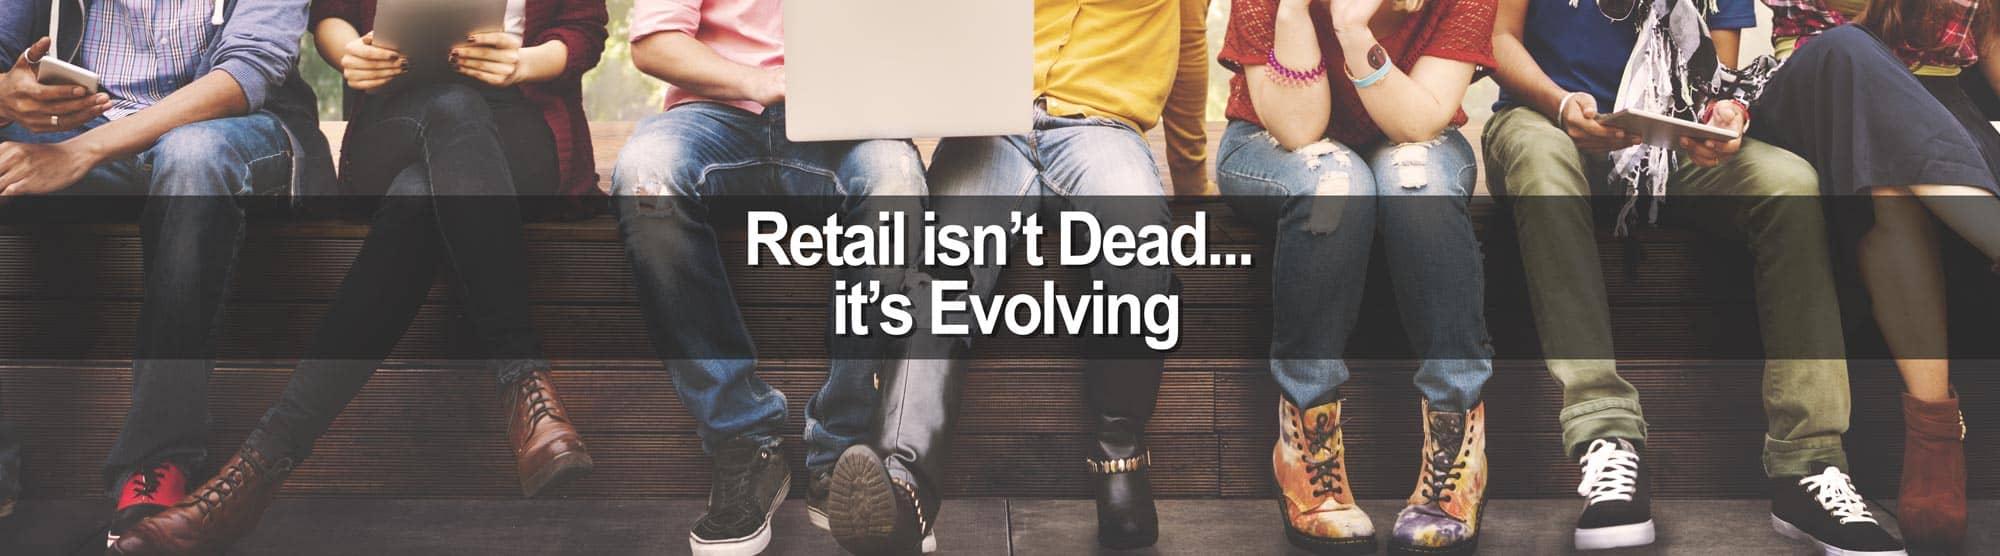 Millennials cause retail to evolve